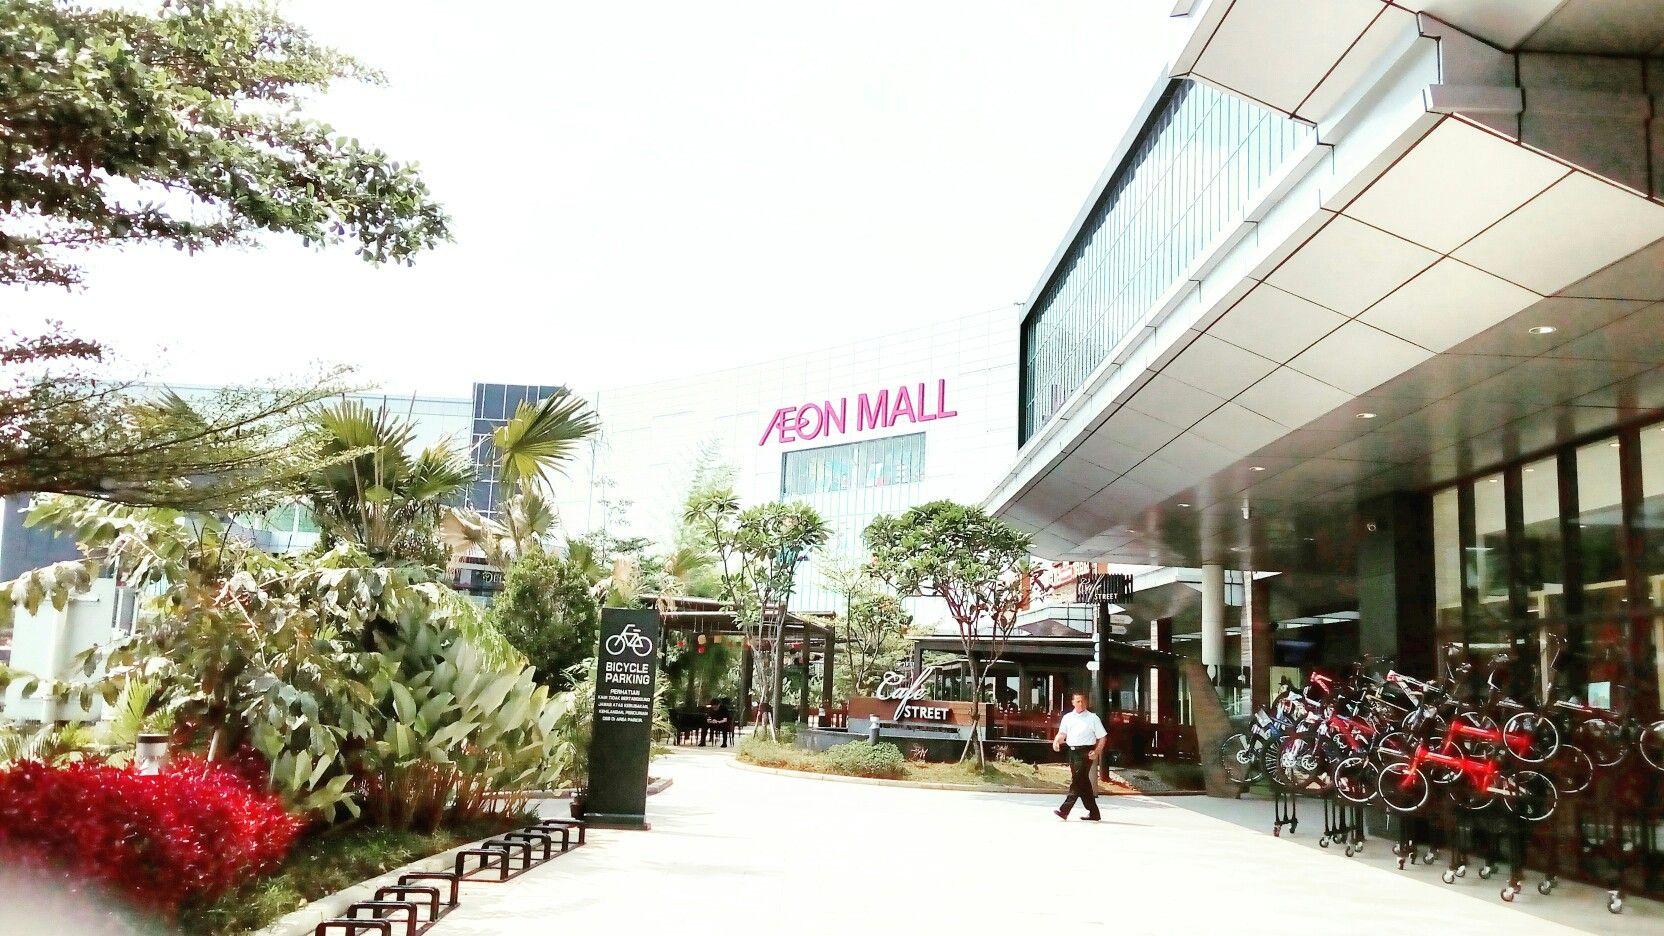 Day at AEON MALL BSD City (Dengan gambar)